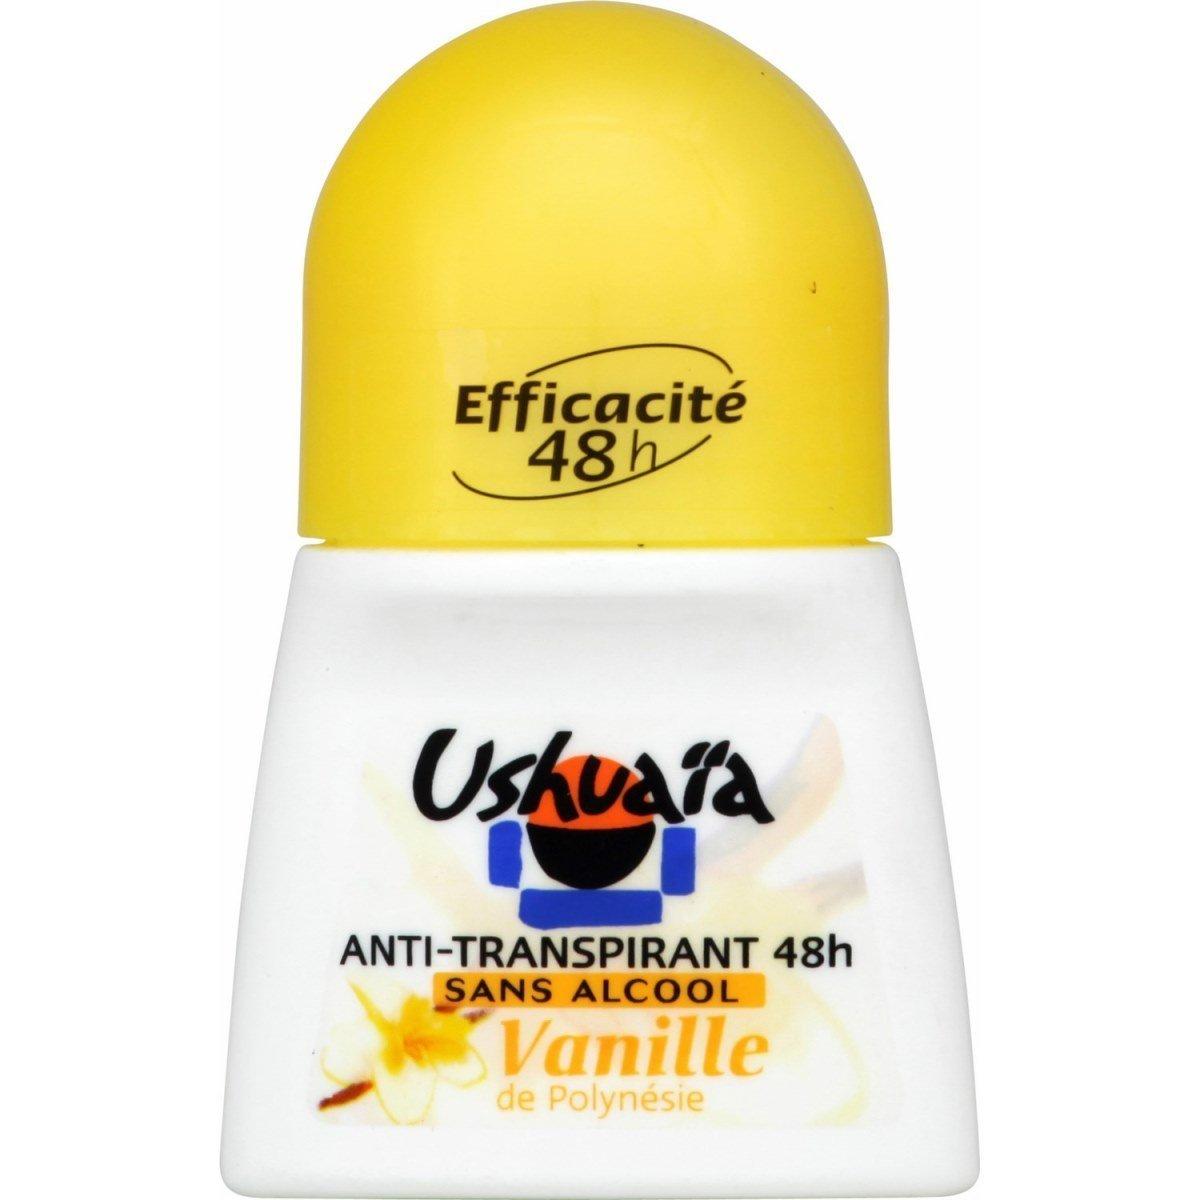 Ushuaïa – Déodorant Femme Bille Parfum Vanille De Polynésie Efficacité 48h – 50 ml – Pack of 2